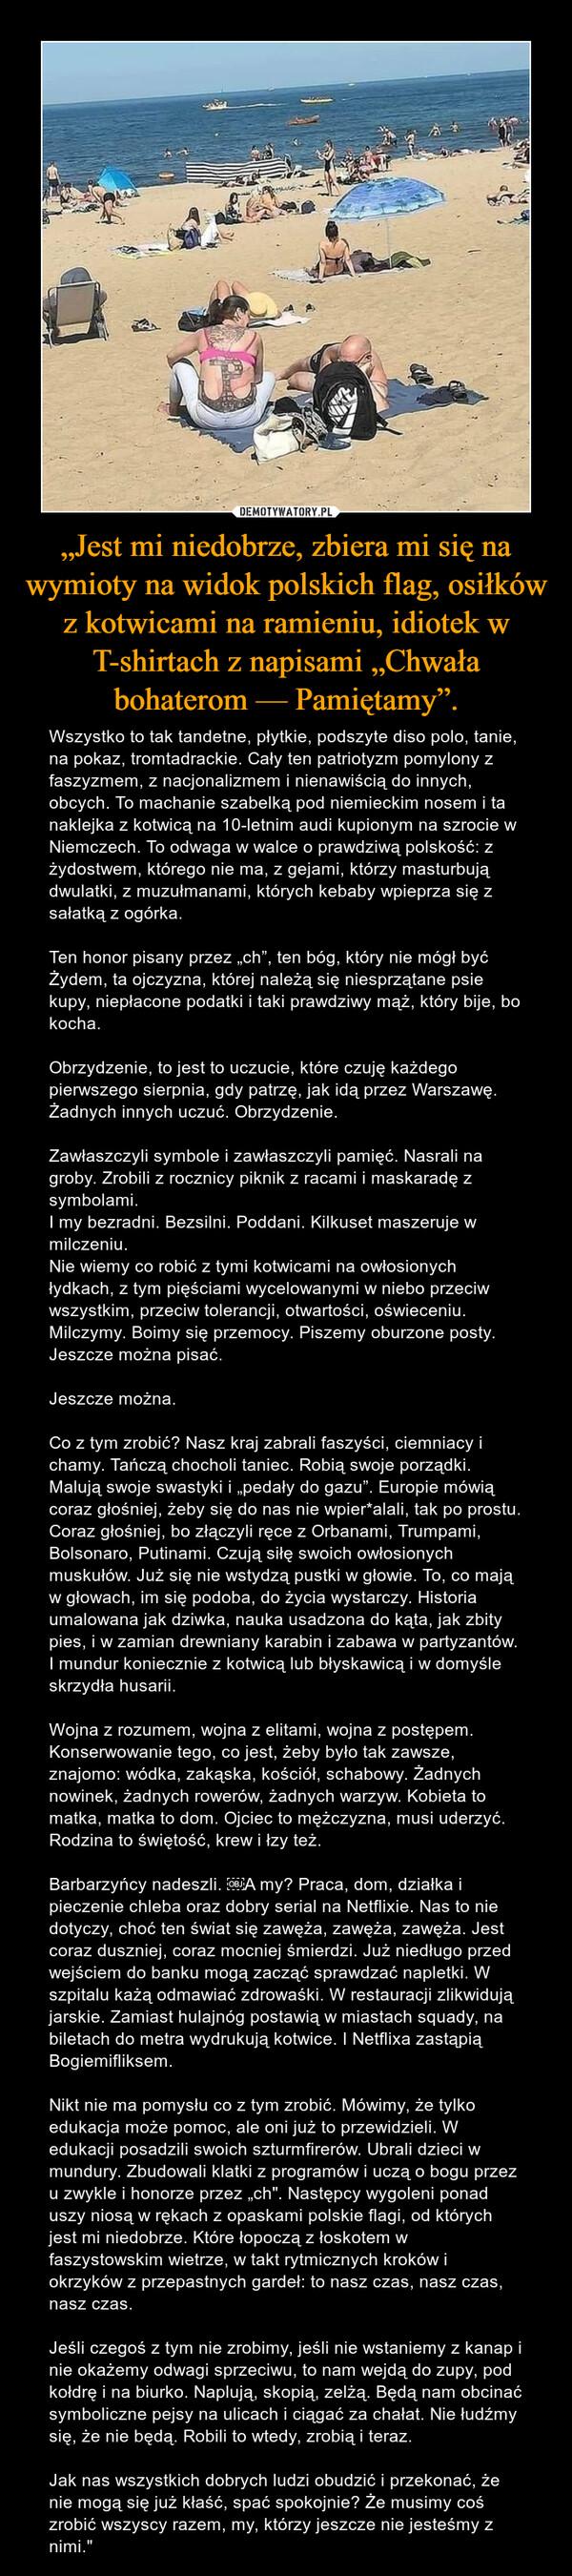 """""""Jest mi niedobrze, zbiera mi się na wymioty na widok polskich flag, osiłków z kotwicami na ramieniu, idiotek w T-shirtach z napisami """"Chwała bohaterom — Pamiętamy"""". – Wszystko to tak tandetne, płytkie, podszyte diso polo, tanie, na pokaz, tromtadrackie. Cały ten patriotyzm pomylony z faszyzmem, z nacjonalizmem i nienawiścią do innych, obcych. To machanie szabelką pod niemieckim nosem i ta naklejka z kotwicą na 10-letnim audi kupionym na szrocie w Niemczech. To odwaga w walce o prawdziwą polskość: z żydostwem, którego nie ma, z gejami, którzy masturbują dwulatki, z muzułmanami, których kebaby wpieprza się z sałatką z ogórka.Ten honor pisany przez """"ch"""", ten bóg, który nie mógł być Żydem, ta ojczyzna, której należą się niesprzątane psie kupy, niepłacone podatki i taki prawdziwy mąż, który bije, bo kocha.Obrzydzenie, to jest to uczucie, które czuję każdego pierwszego sierpnia, gdy patrzę, jak idą przez Warszawę. Żadnych innych uczuć. Obrzydzenie.Zawłaszczyli symbole i zawłaszczyli pamięć. Nasrali na groby. Zrobili z rocznicy piknik z racami i maskaradę z symbolami.I my bezradni. Bezsilni. Poddani. Kilkuset maszeruje w milczeniu.Nie wiemy co robić z tymi kotwicami na owłosionych łydkach, z tym pięściami wycelowanymi w niebo przeciw wszystkim, przeciw tolerancji, otwartości, oświeceniu. Milczymy. Boimy się przemocy. Piszemy oburzone posty. Jeszcze można pisać.Jeszcze można.Co z tym zrobić? Nasz kraj zabrali faszyści, ciemniacy i chamy. Tańczą chocholi taniec. Robią swoje porządki. Malują swoje swastyki i """"pedały do gazu"""". Europie mówią coraz głośniej, żeby się do nas nie wpier*alali, tak po prostu. Coraz głośniej, bo złączyli ręce z Orbanami, Trumpami, Bolsonaro, Putinami. Czują siłę swoich owłosionych muskułów. Już się nie wstydzą pustki w głowie. To, co mają w głowach, im się podoba, do życia wystarczy. Historia umalowana jak dziwka, nauka usadzona do kąta, jak zbity pies, i w zamian drewniany karabin i zabawa w partyzantów. I mundur koniecznie z kotwicą lub błyskawicą"""